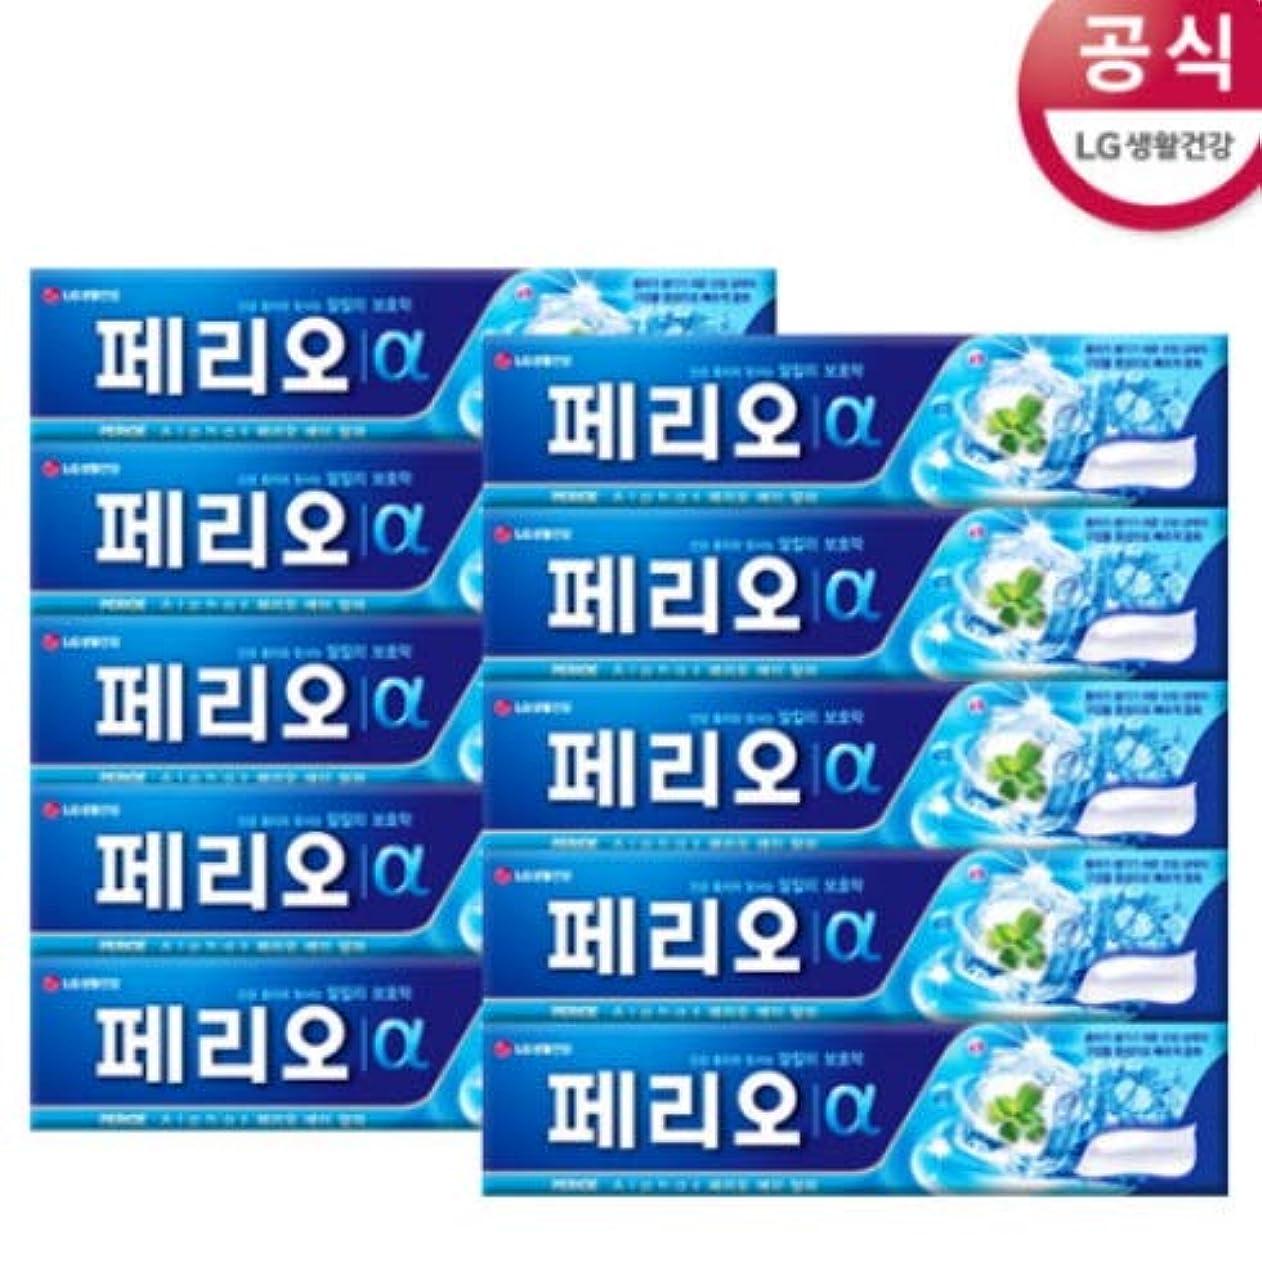 シングル役割学部長[LG HnB] Perio Alpha Toothpaste/ペリオアルファ歯磨き粉 170gx10個(海外直送品)